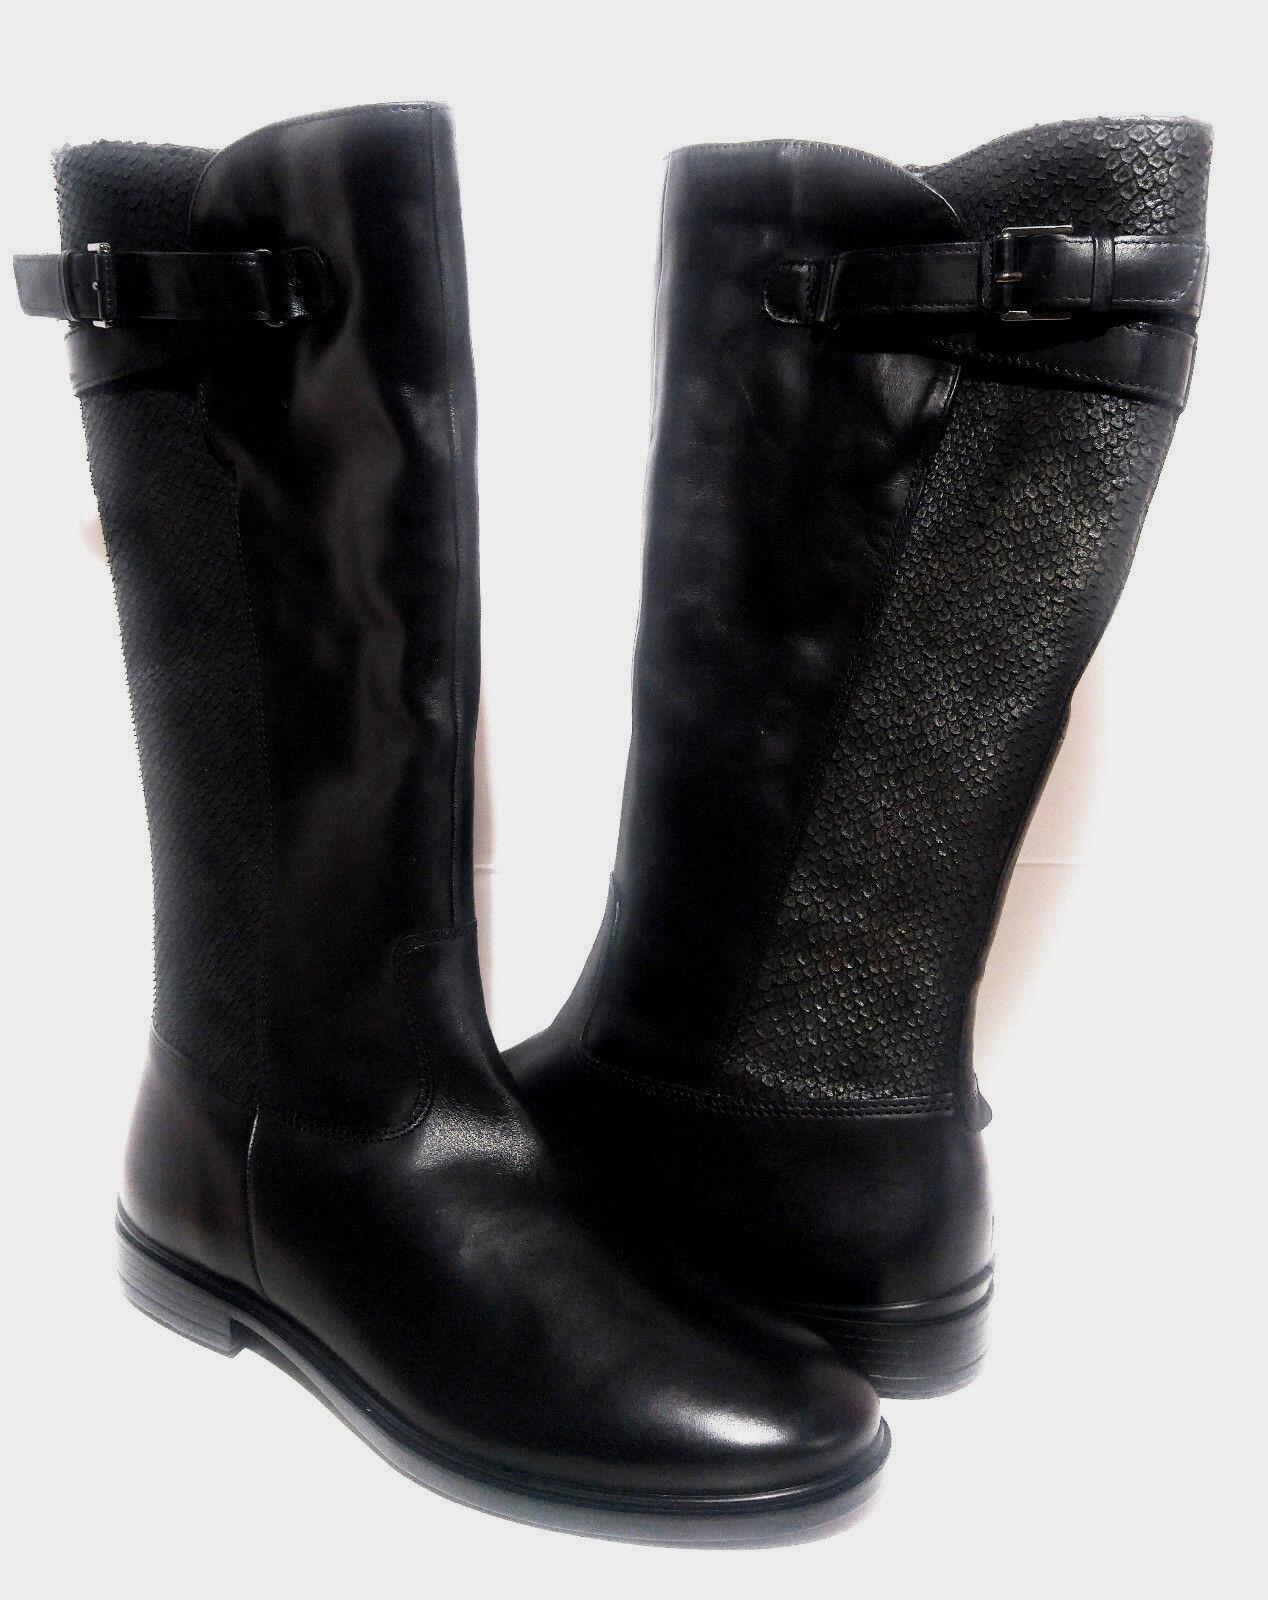 ahorra hasta un 70% Ecco Touch 15 15 15 B Wome's cuero botas talla. nos 9-9.5 Negro Nuevo Envío gratuito  minoristas en línea